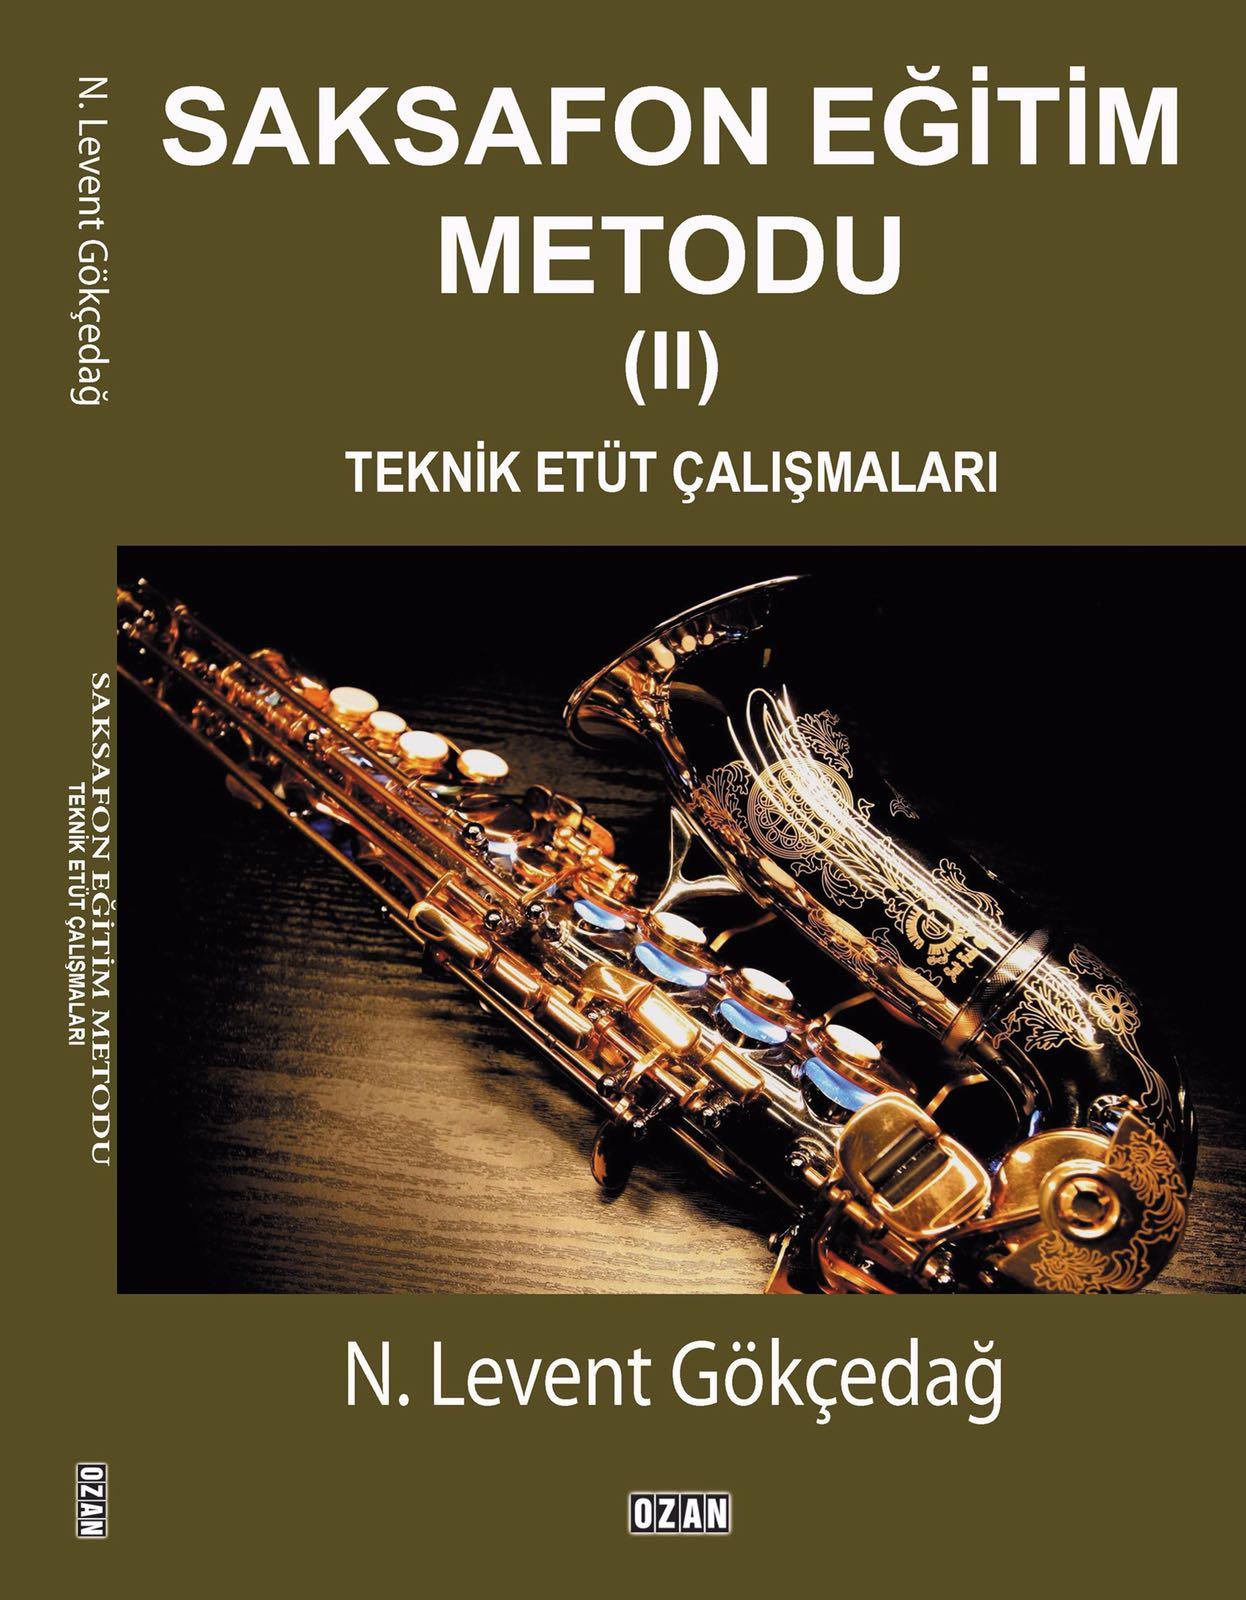 Saksofon Eğitim Metodu II Teknik Etüt Çalışmalar